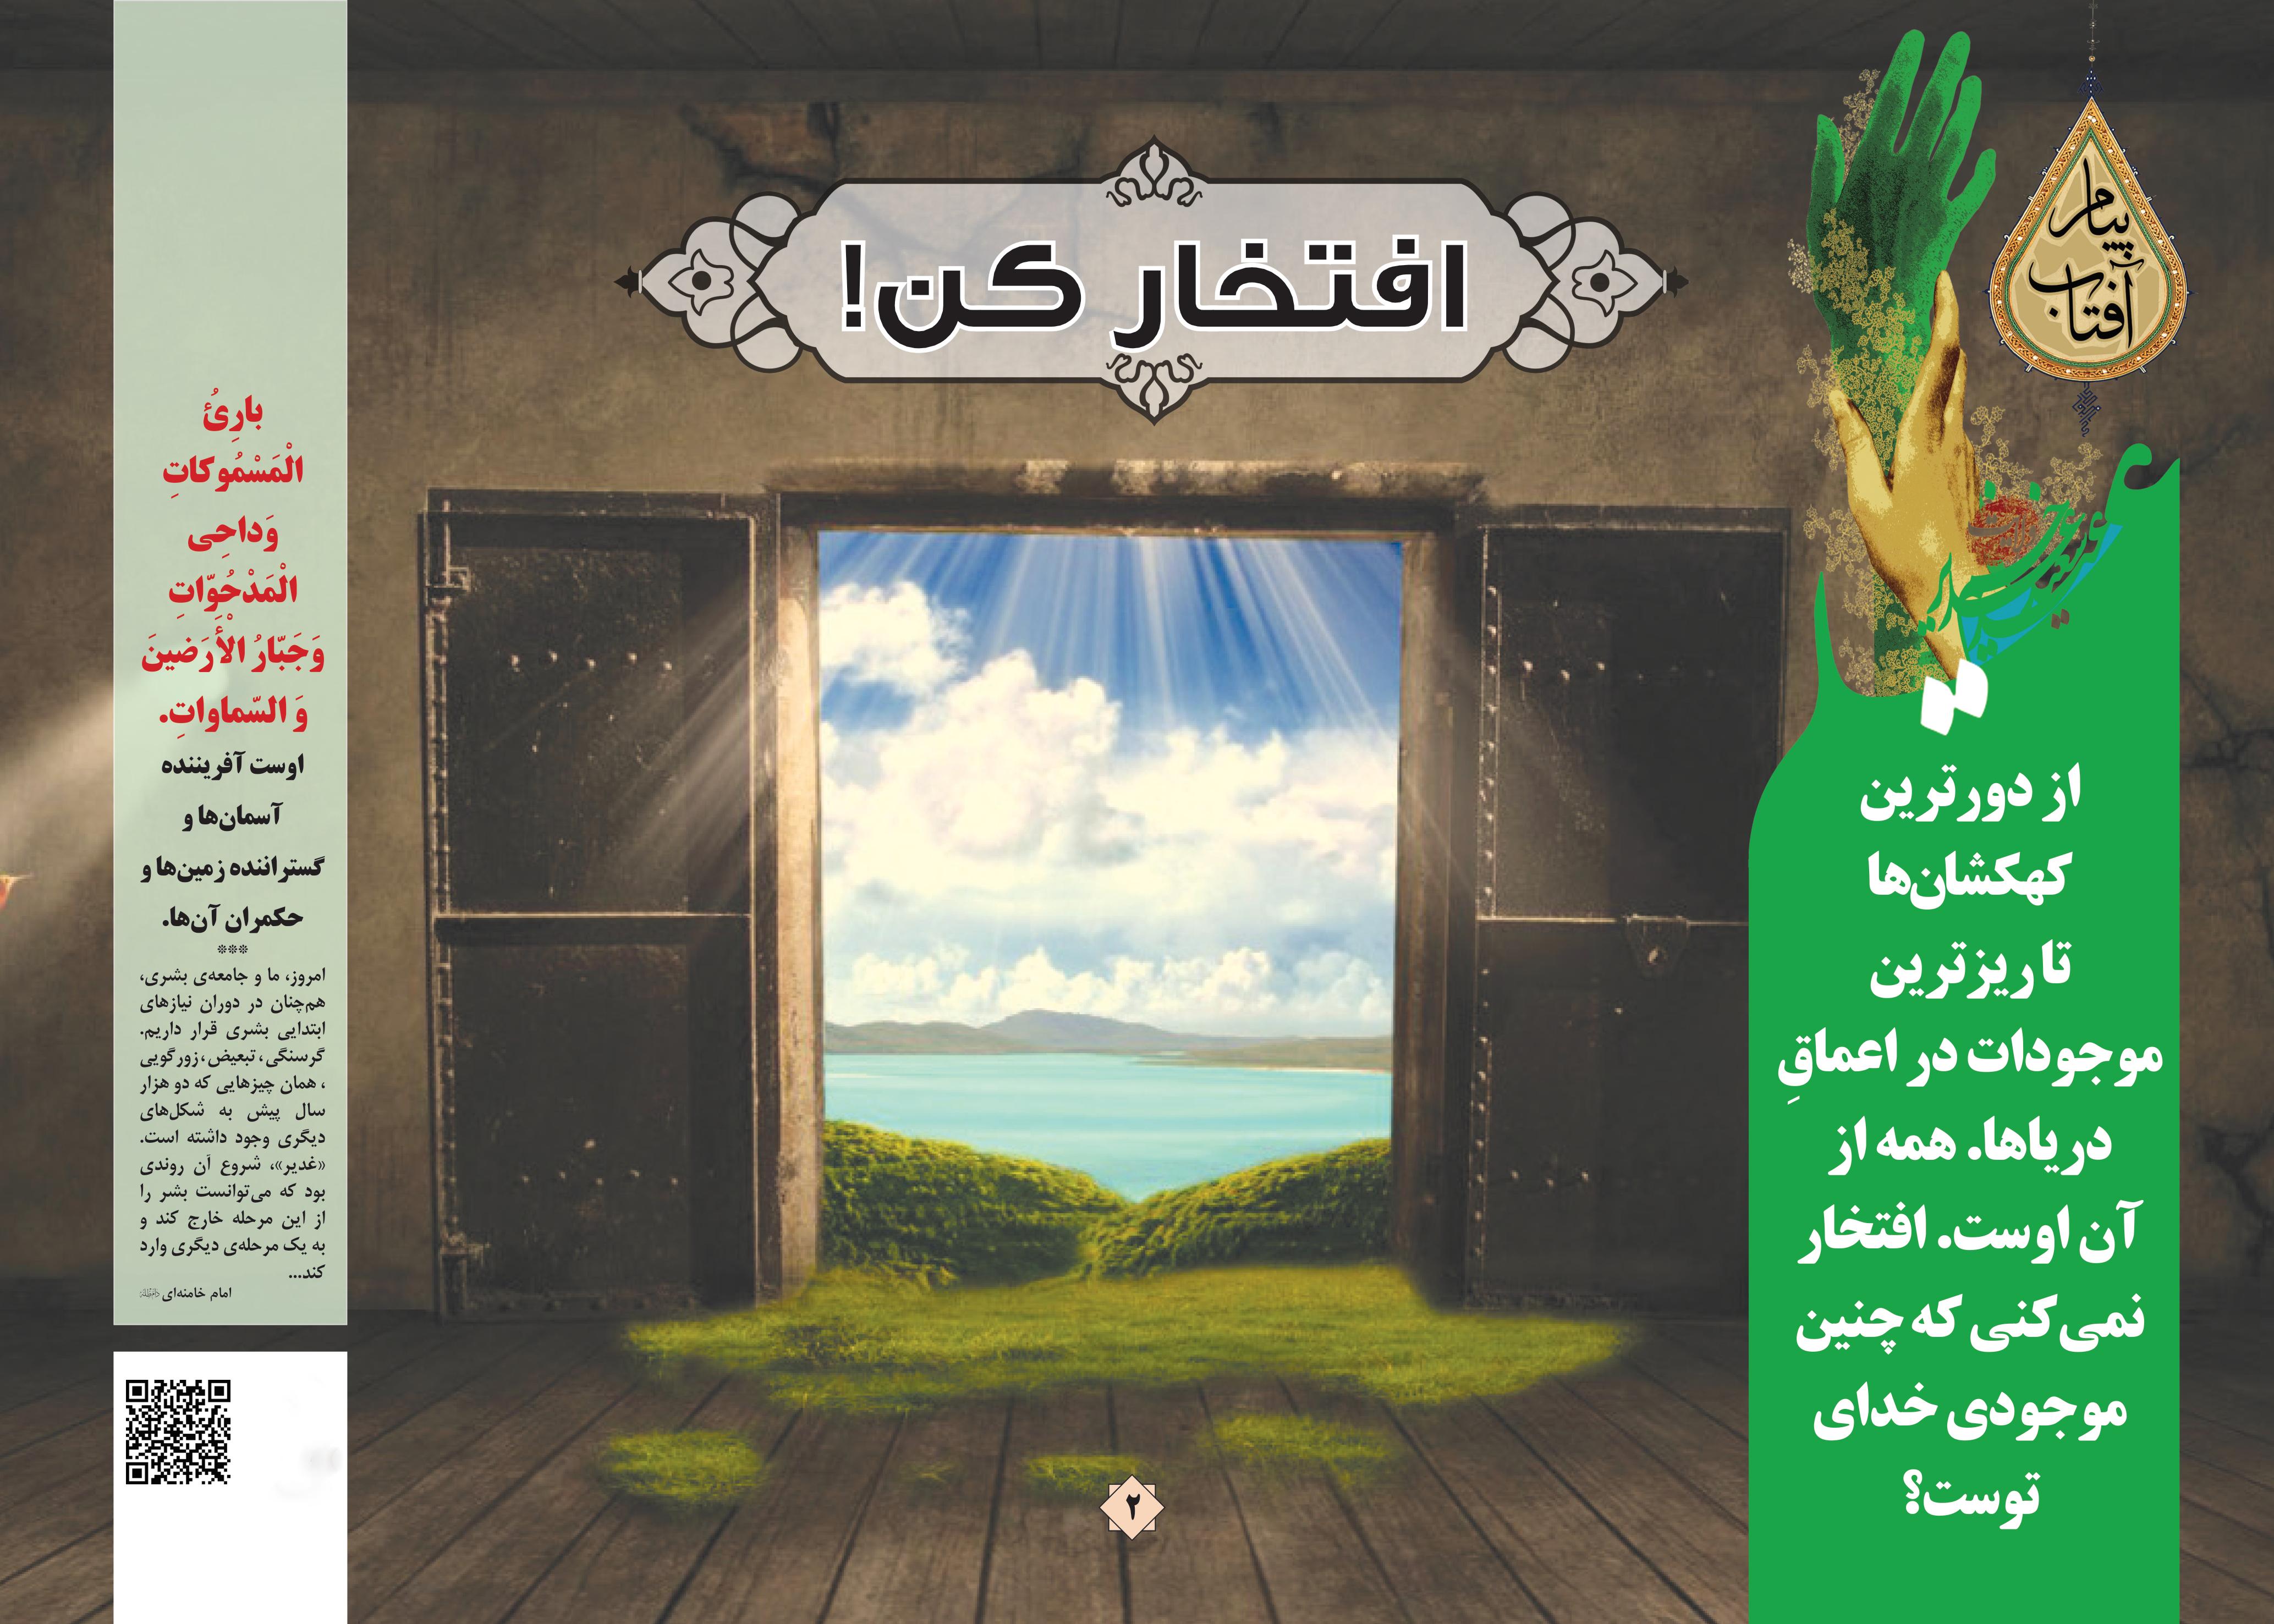 پیام آفتاب/ به مناسبت عید سعید غدیر خم